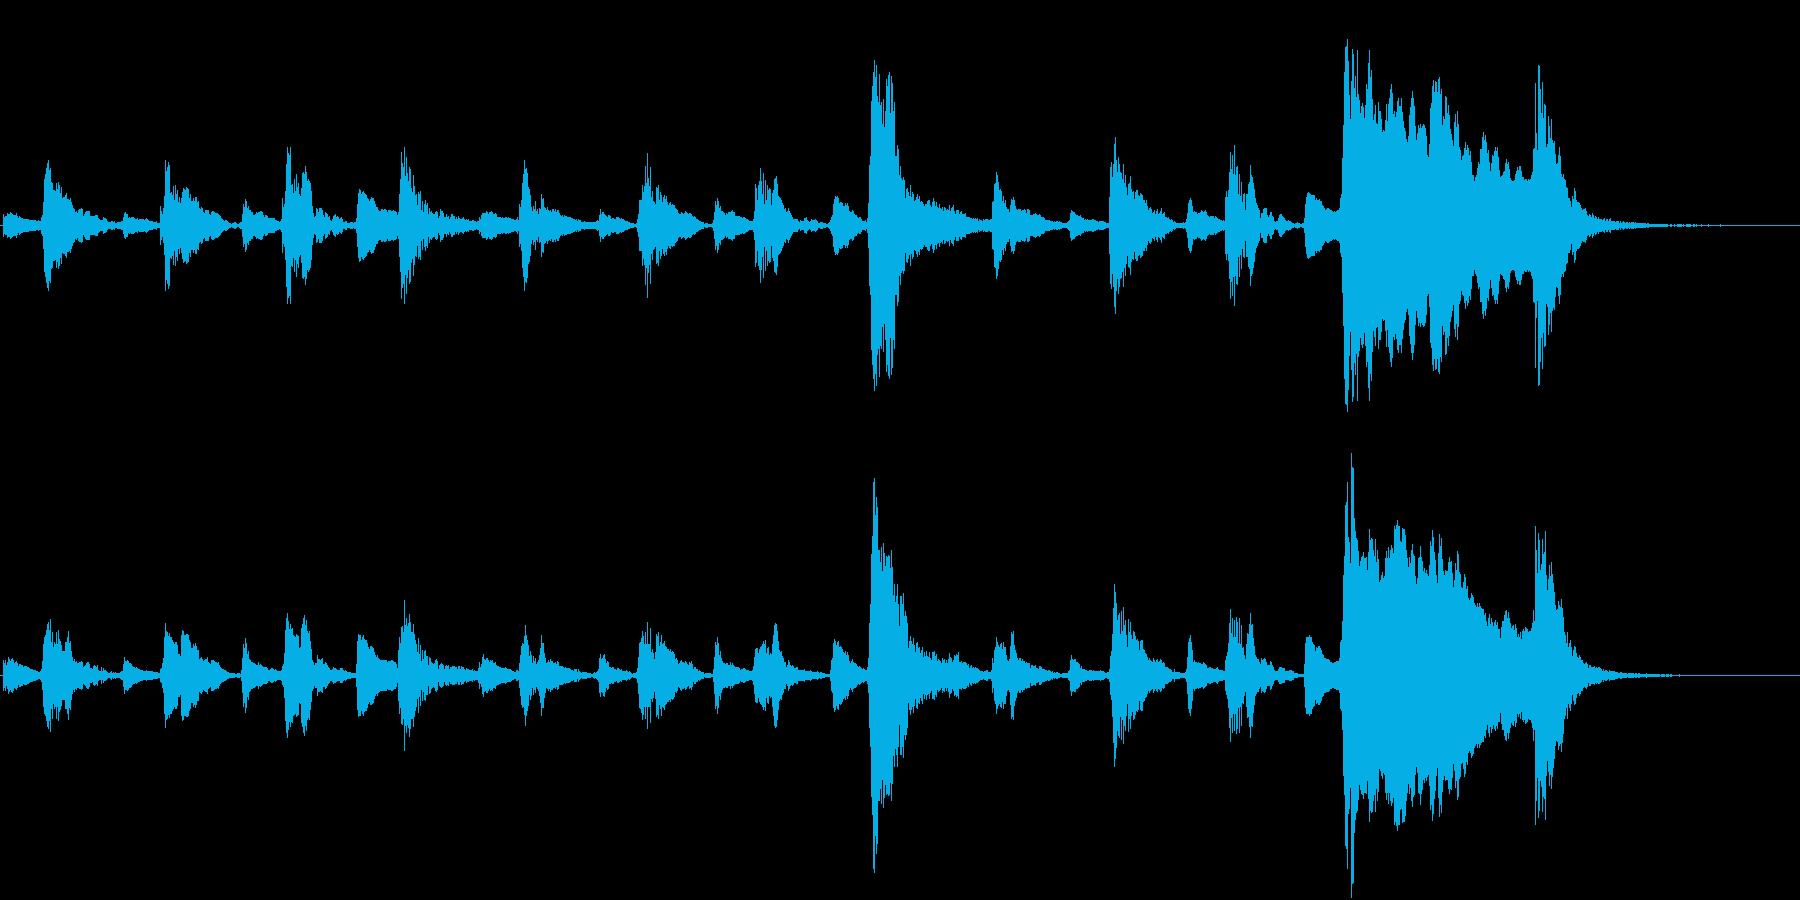 トムとジェリー風なアニメ音楽「忍び足」3の再生済みの波形